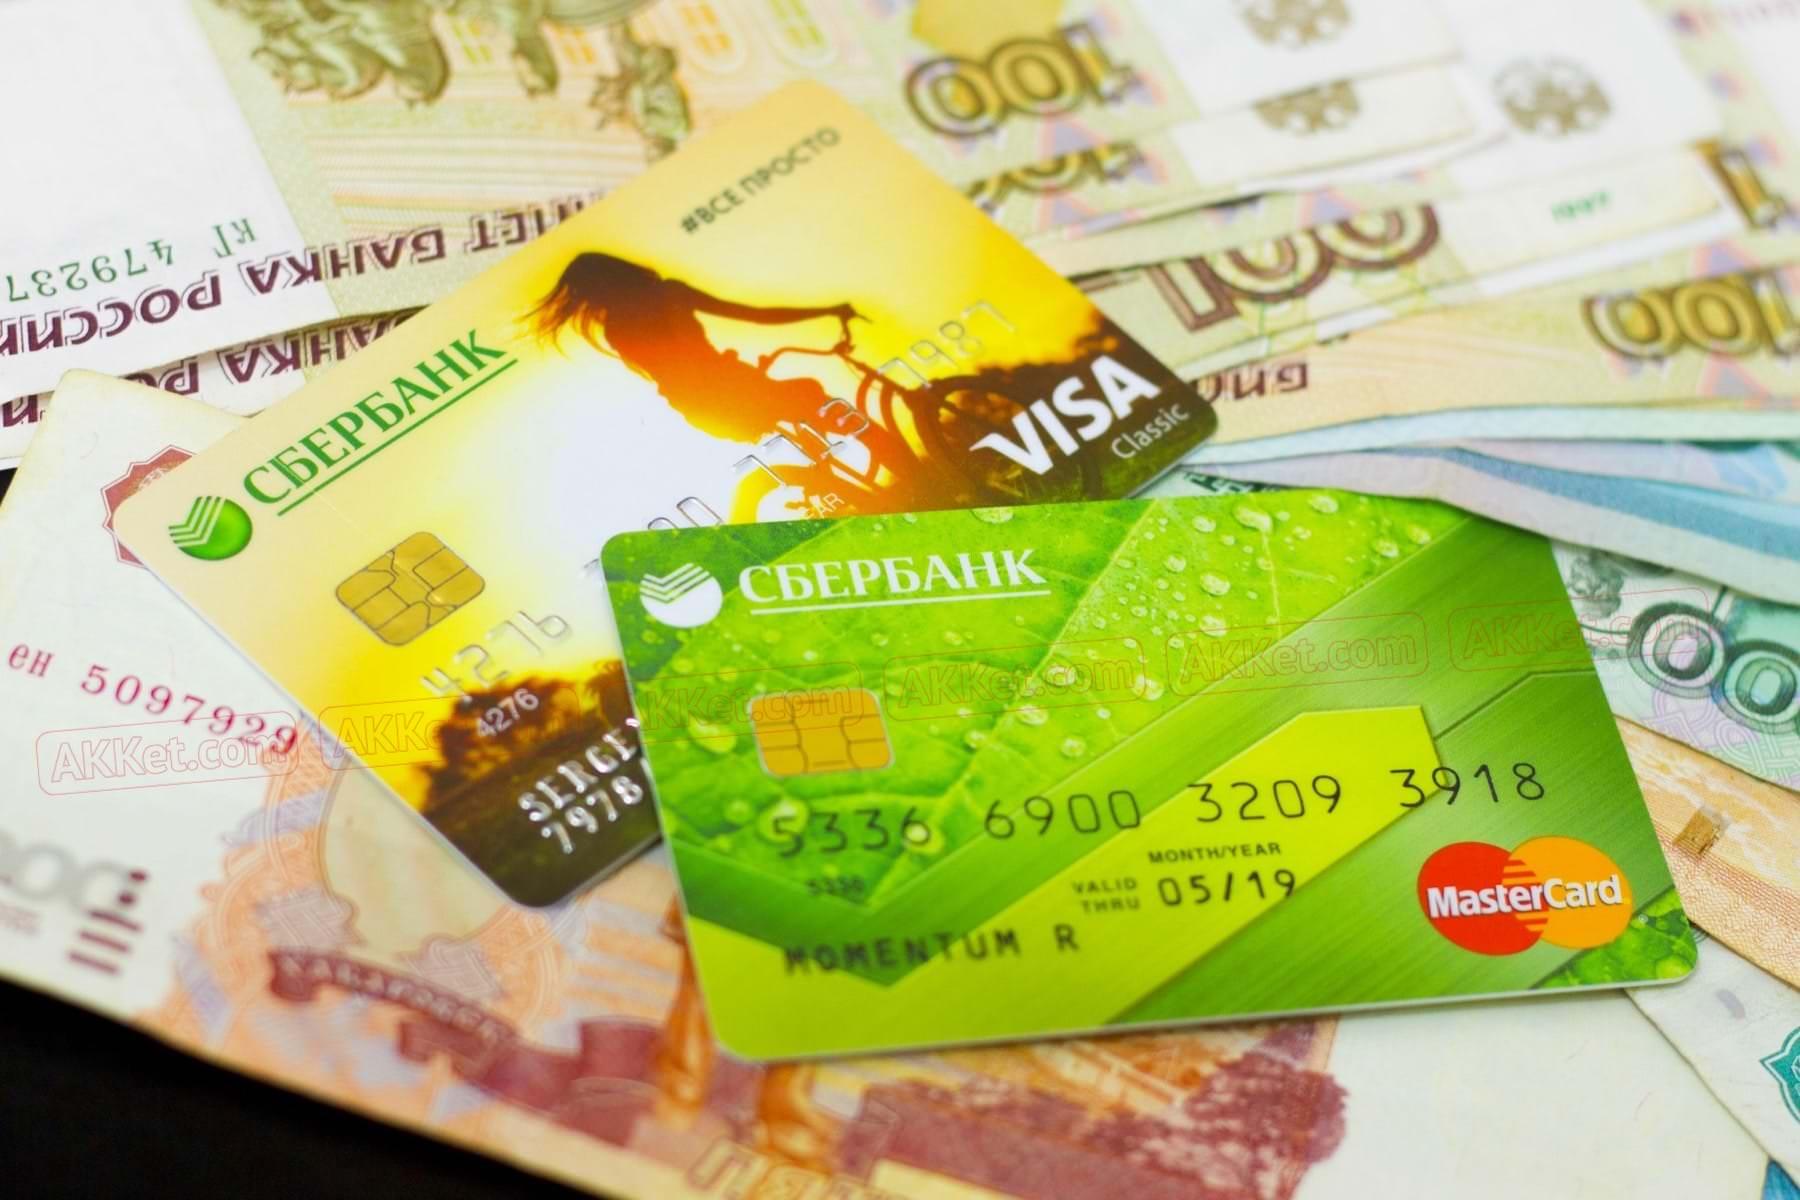 Будут ли снимать налог за перевод денег